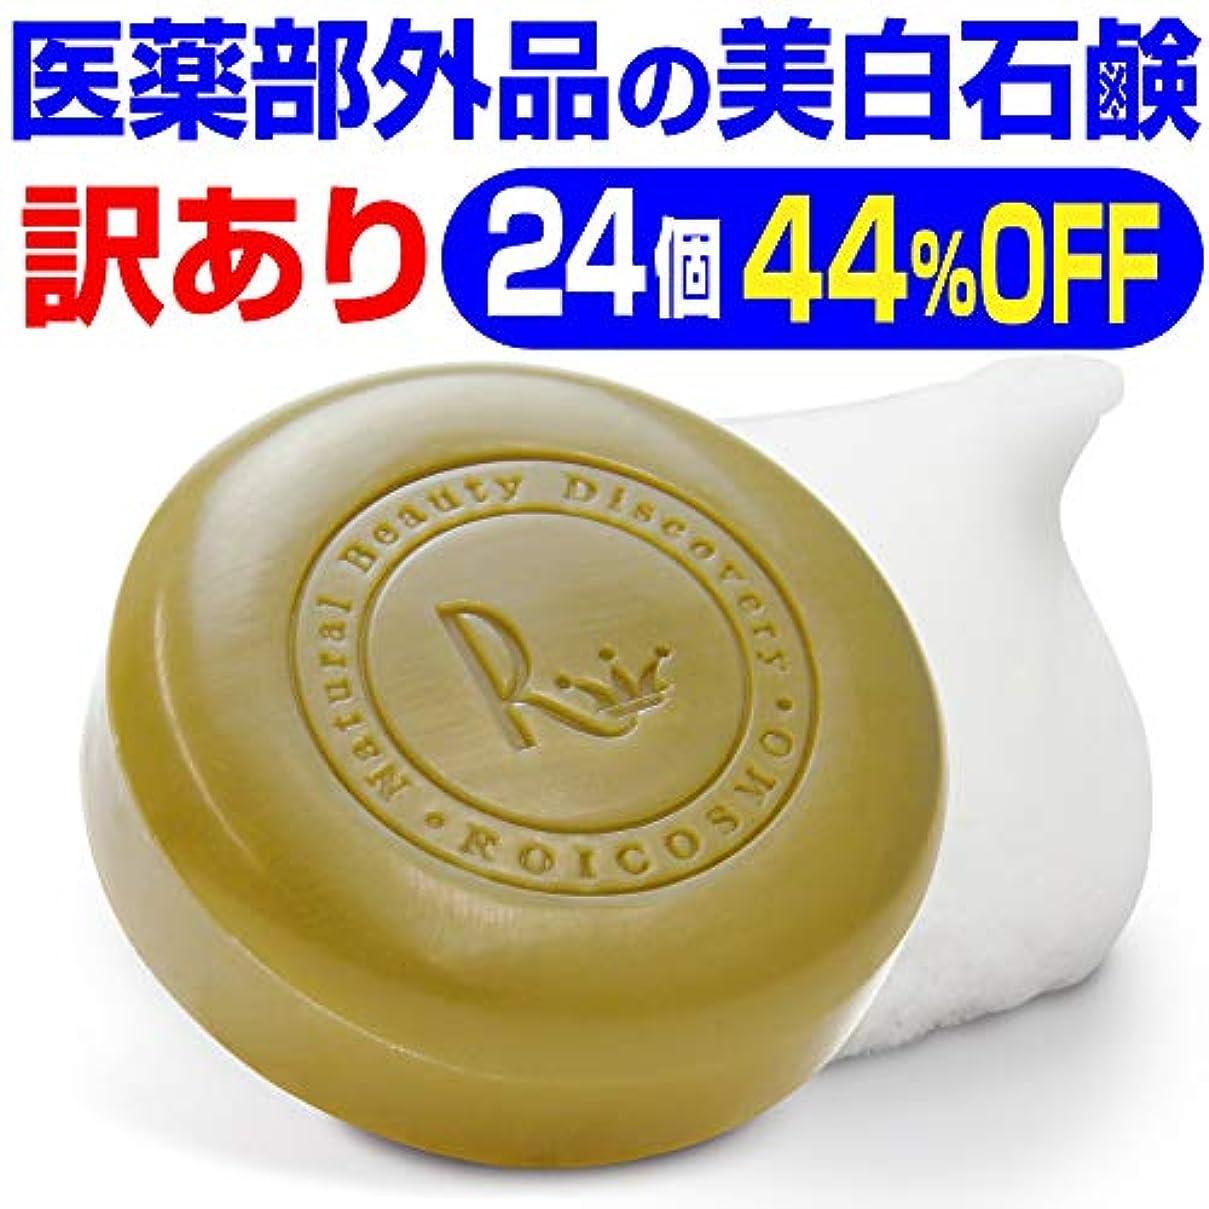 火星指導するやる訳あり44%OFF(1個2,143円)売切れ御免 ビタミンC270倍の美白成分の 洗顔石鹸『ホワイトソープ100g×24個』